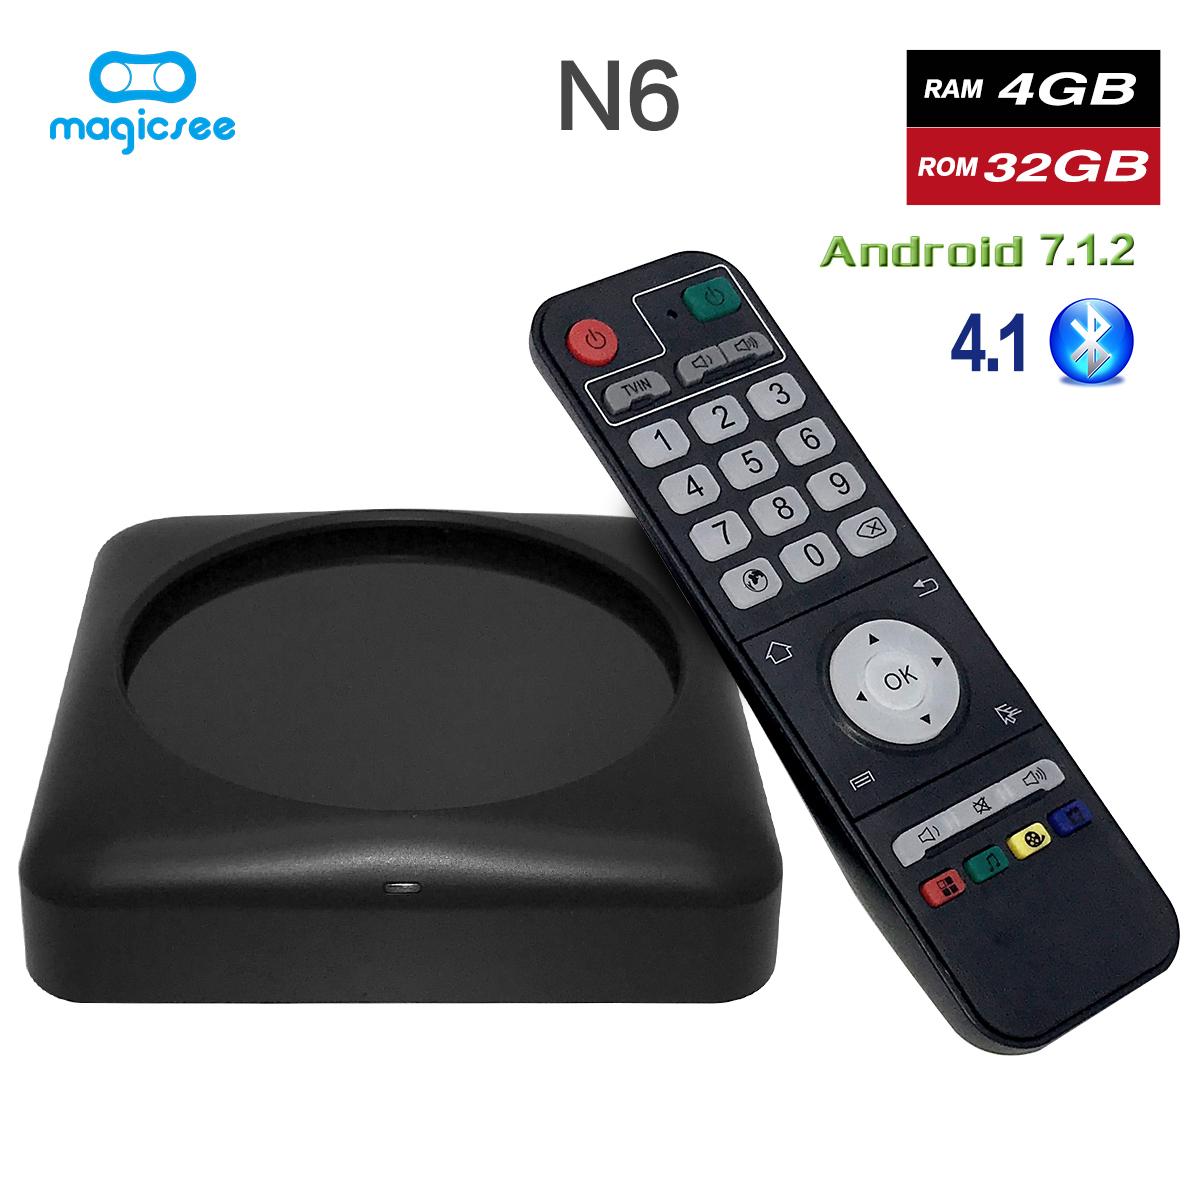 TV BOX N6 Max RK3399 Android 7.1 TV BOX 4G 32G Rom 2.4+5G Dual Wifi 1000M LAN BT 4.1 Smart Box 4K Set Top Box black_4 + 32GB European regulations